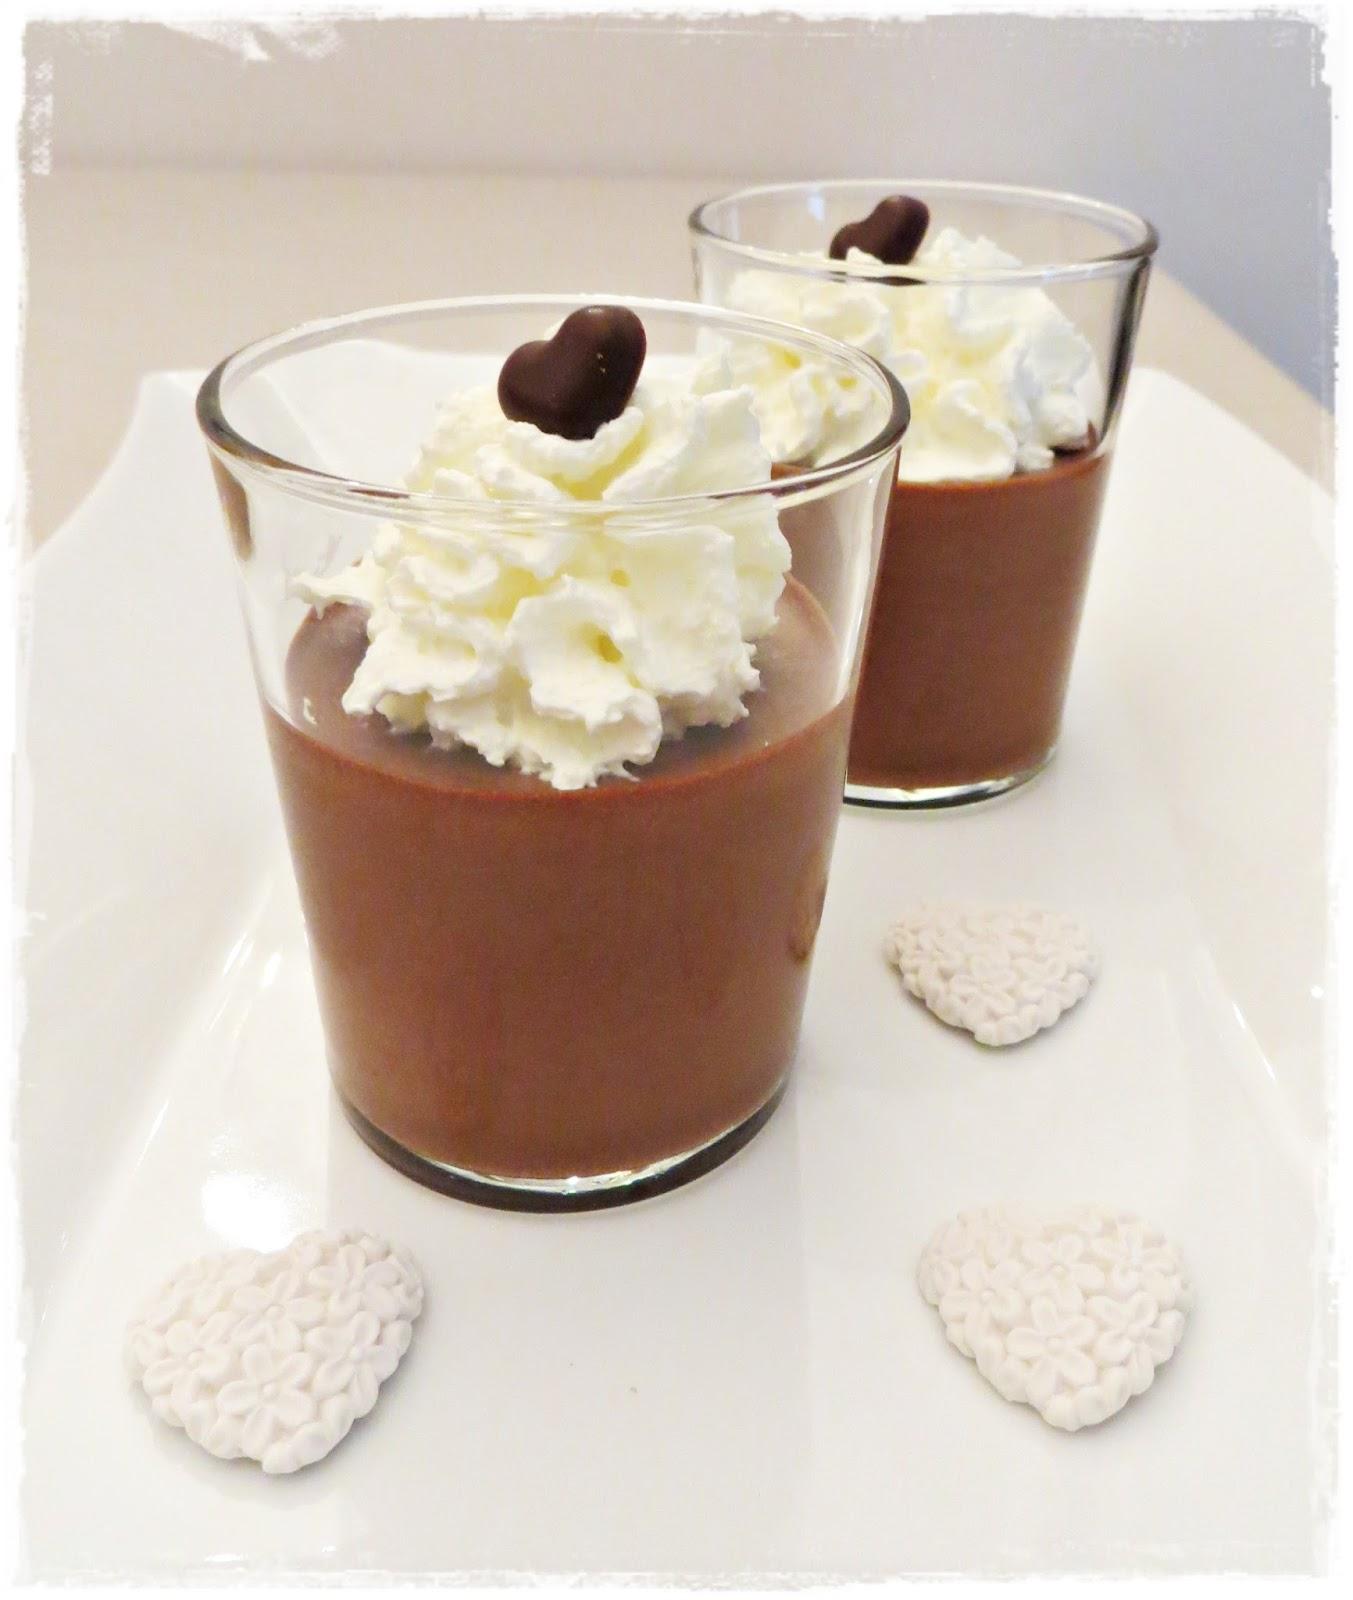 rezepte mit herz mousse au chocolat a la rosin. Black Bedroom Furniture Sets. Home Design Ideas